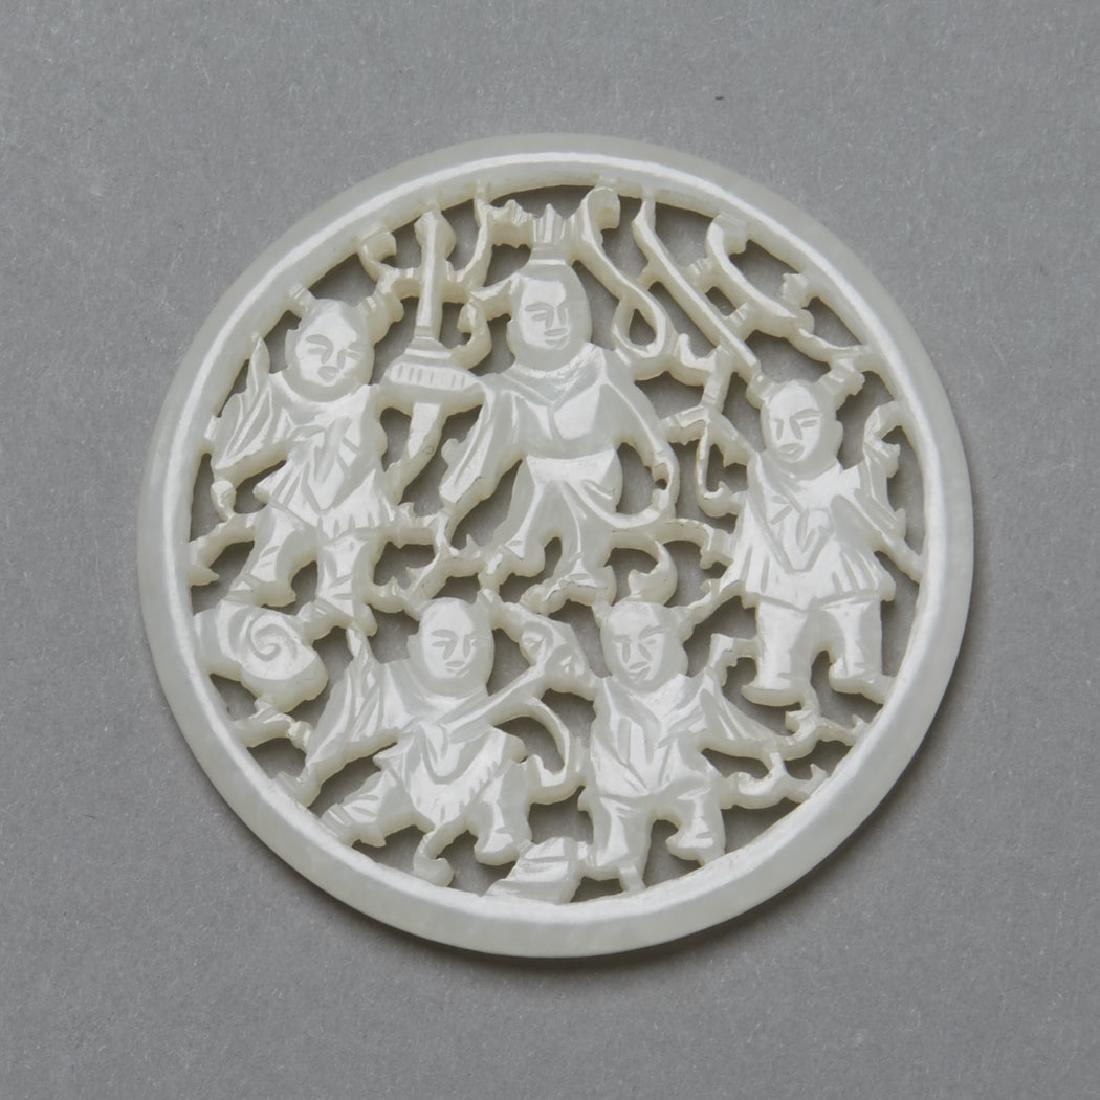 Chinese Guangxu/Republic Period White Jade -BTC Acpt - 2